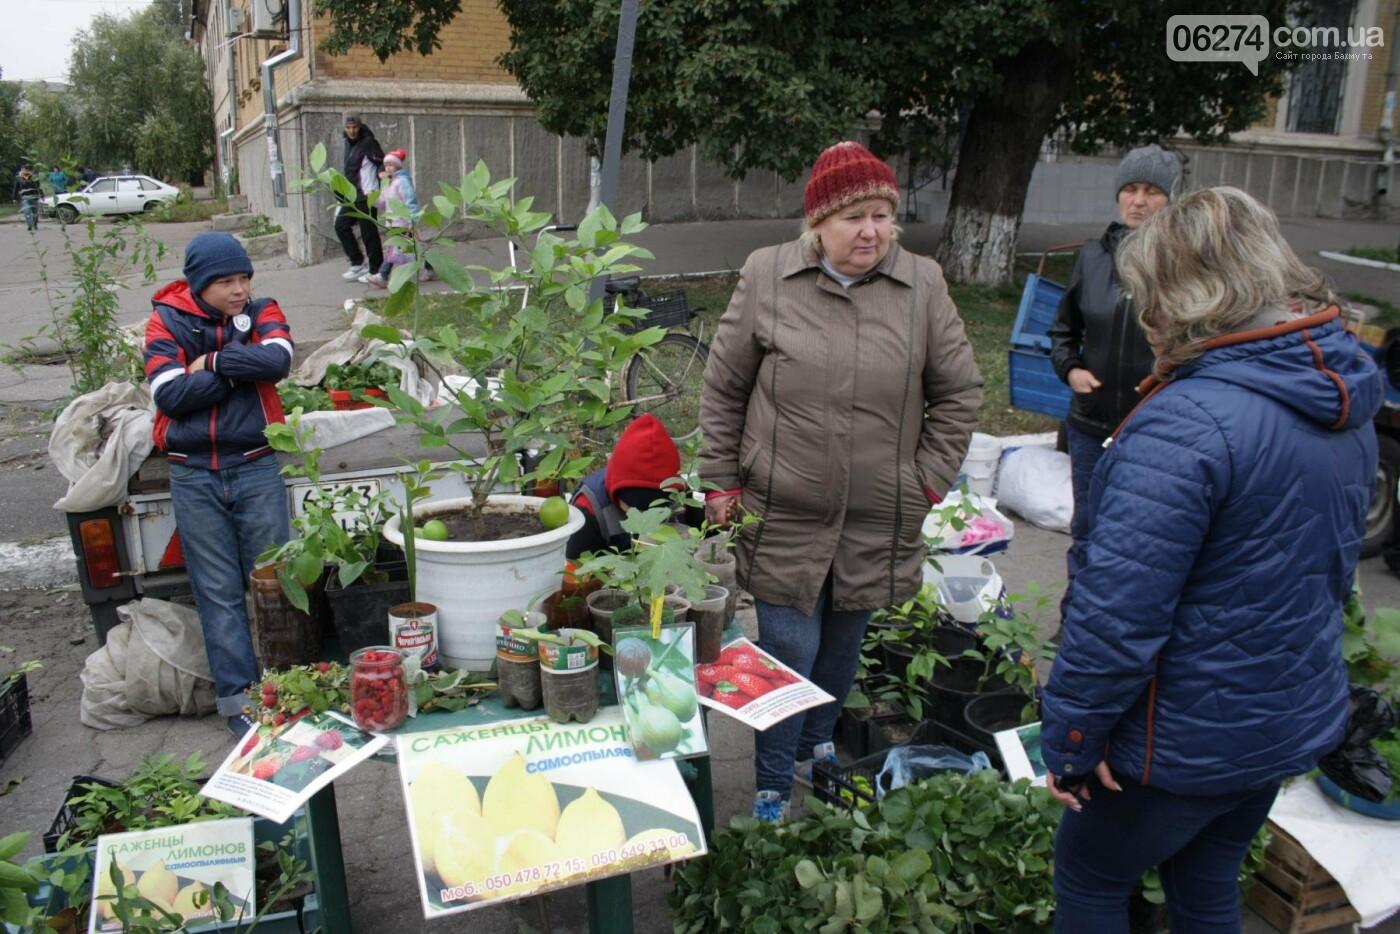 В Бахмуте открылась ярмарка «День садовода», фото-17